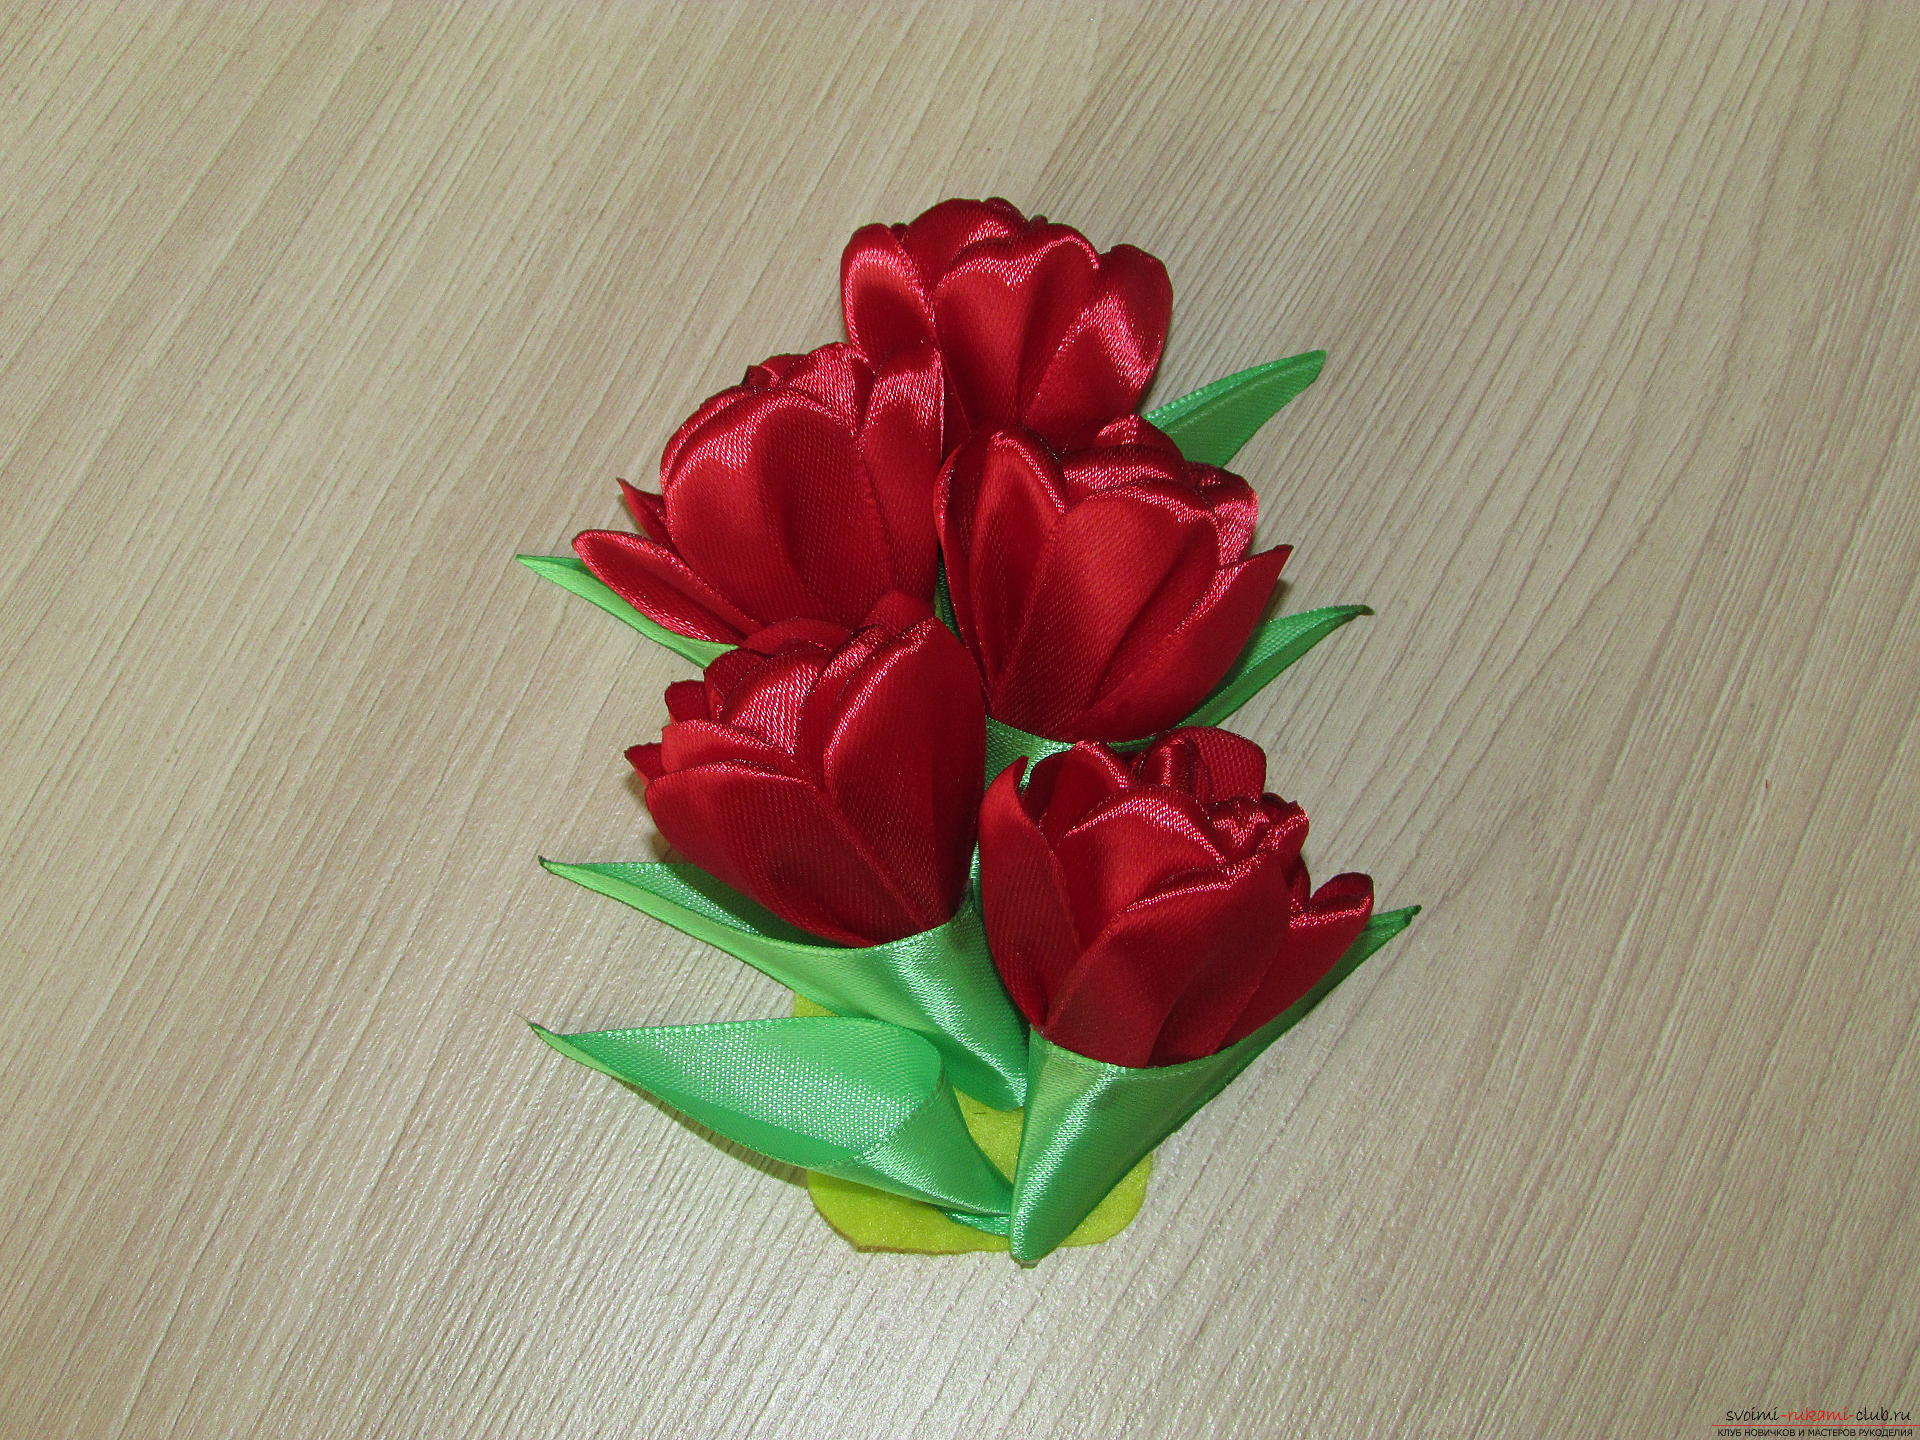 Этот мастер-класс научит как сделать тюльпаны из атласных лент своими руками.. Фото №19